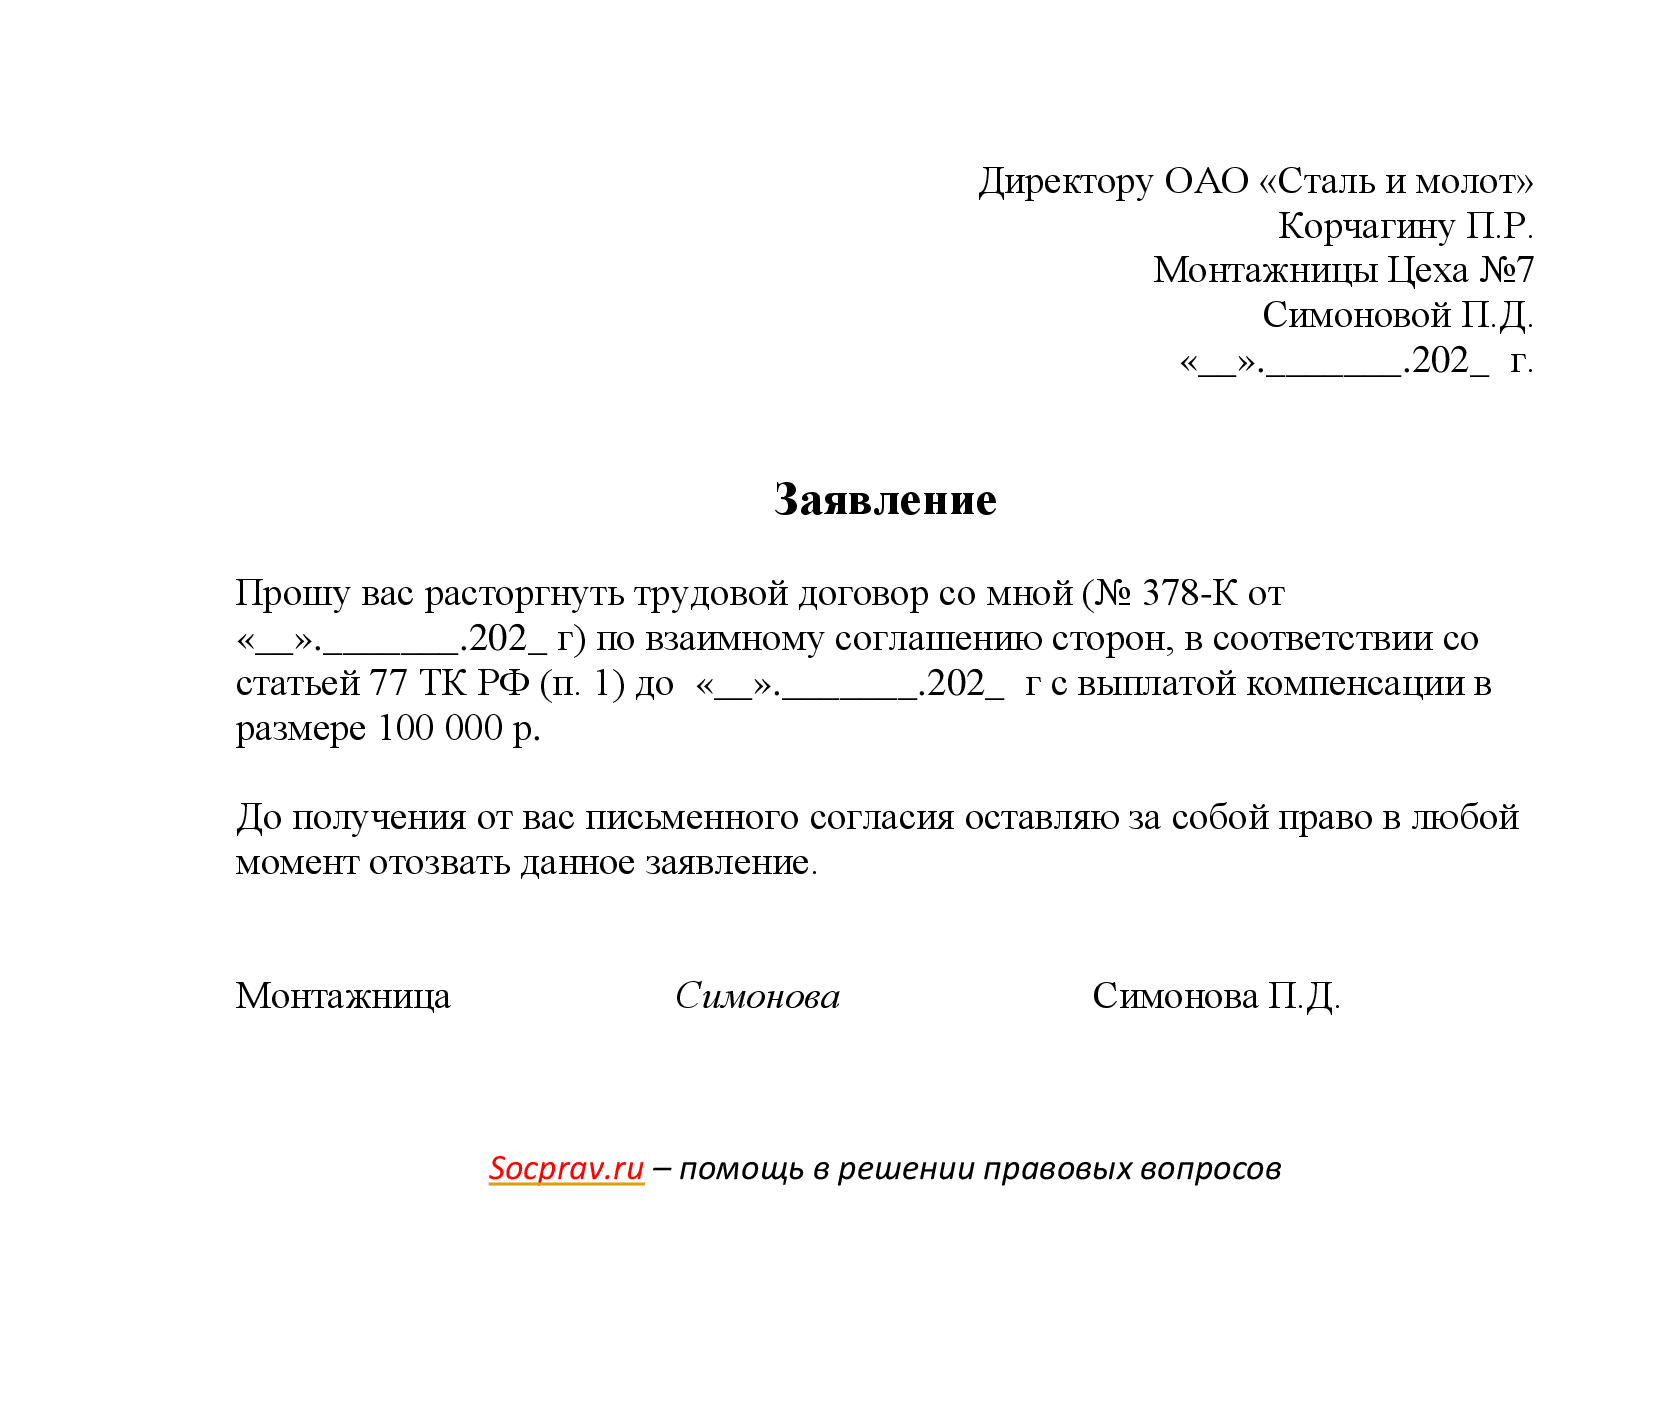 Заявление об увольнении по соглашению с выплатой компенсации